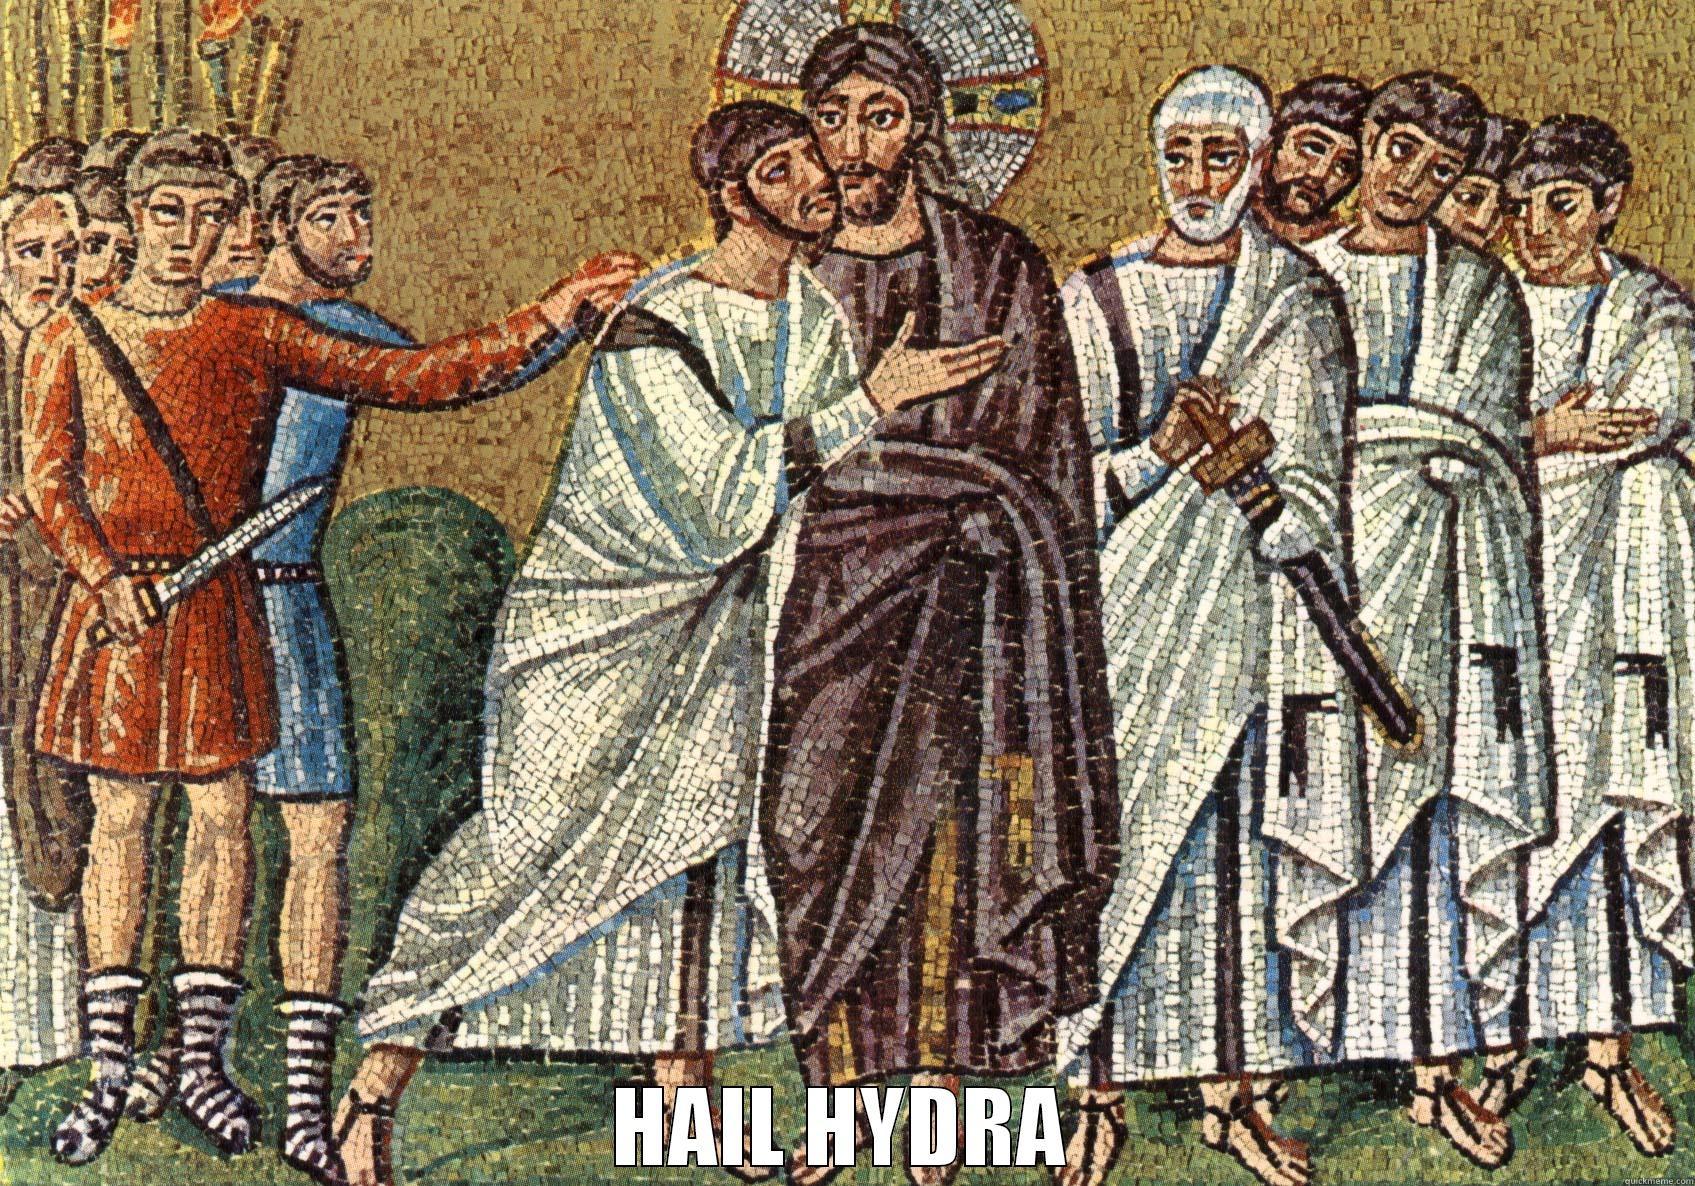 Hail Hydra Judas -  HAIL HYDRA Misc